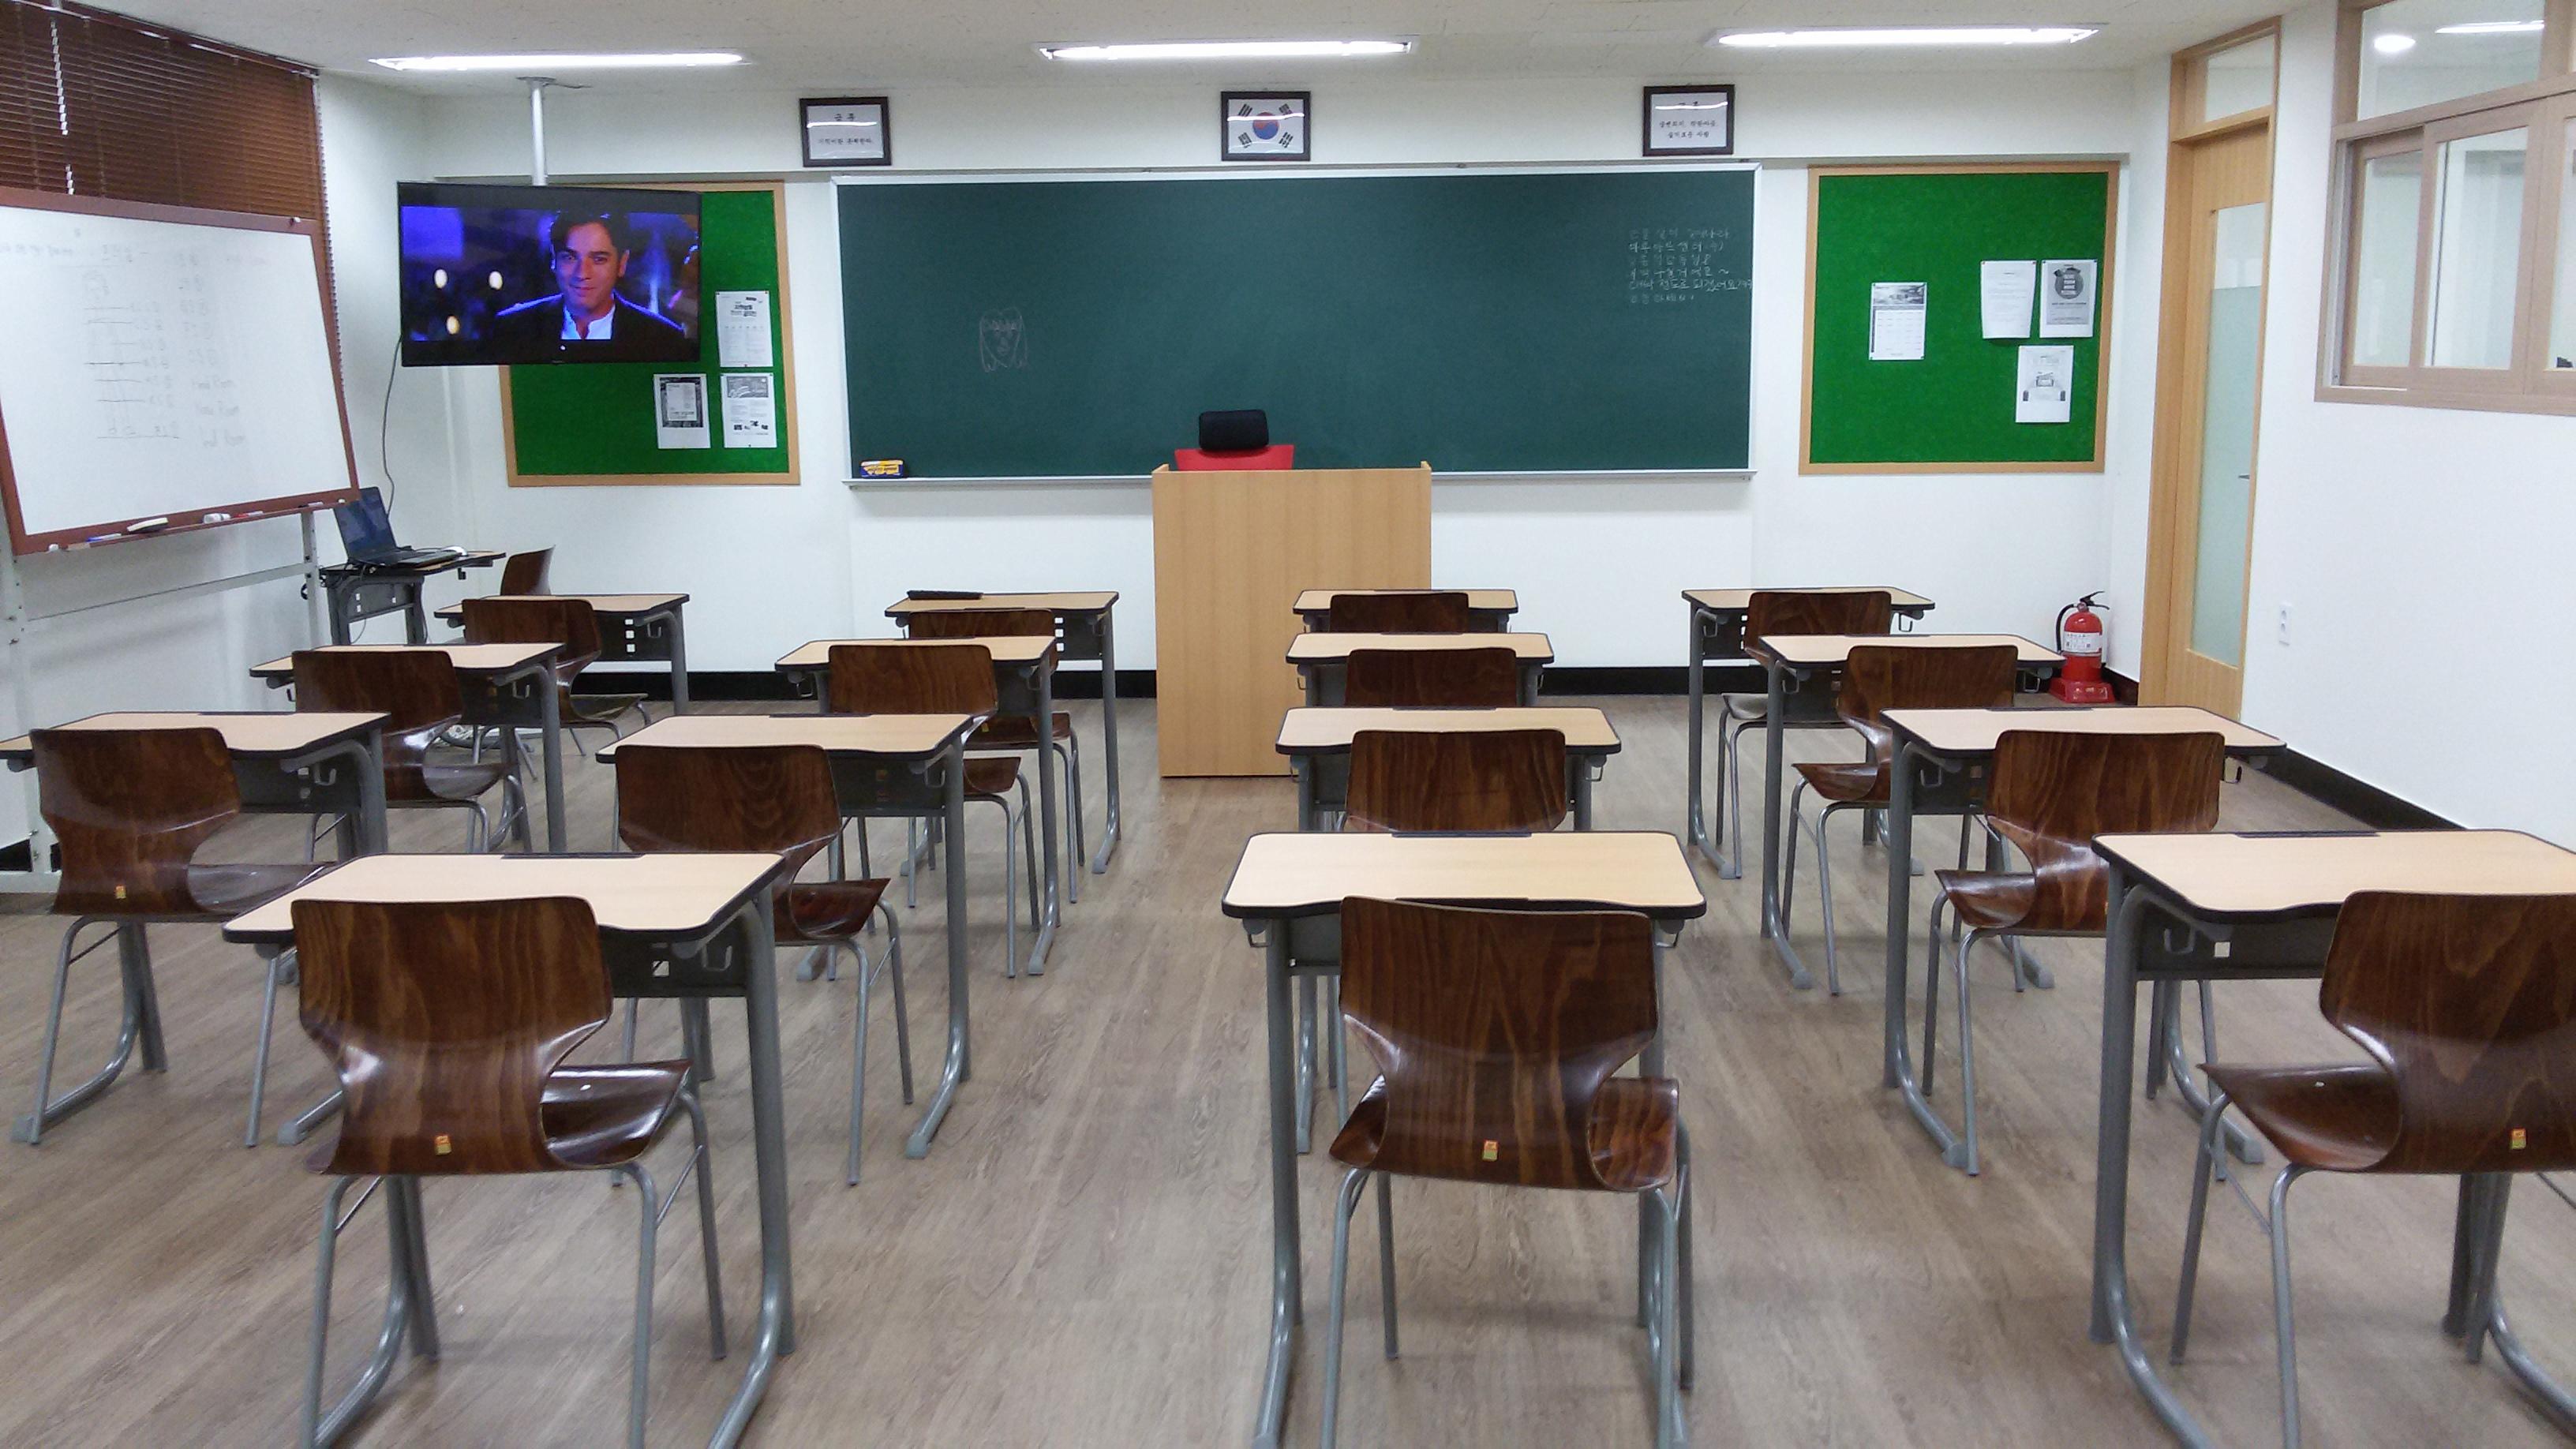 로케이션 질문 - 교실 대관 (대여), 지하철 2호선 선릉역 주변 : 필름메이커스 커뮤니티